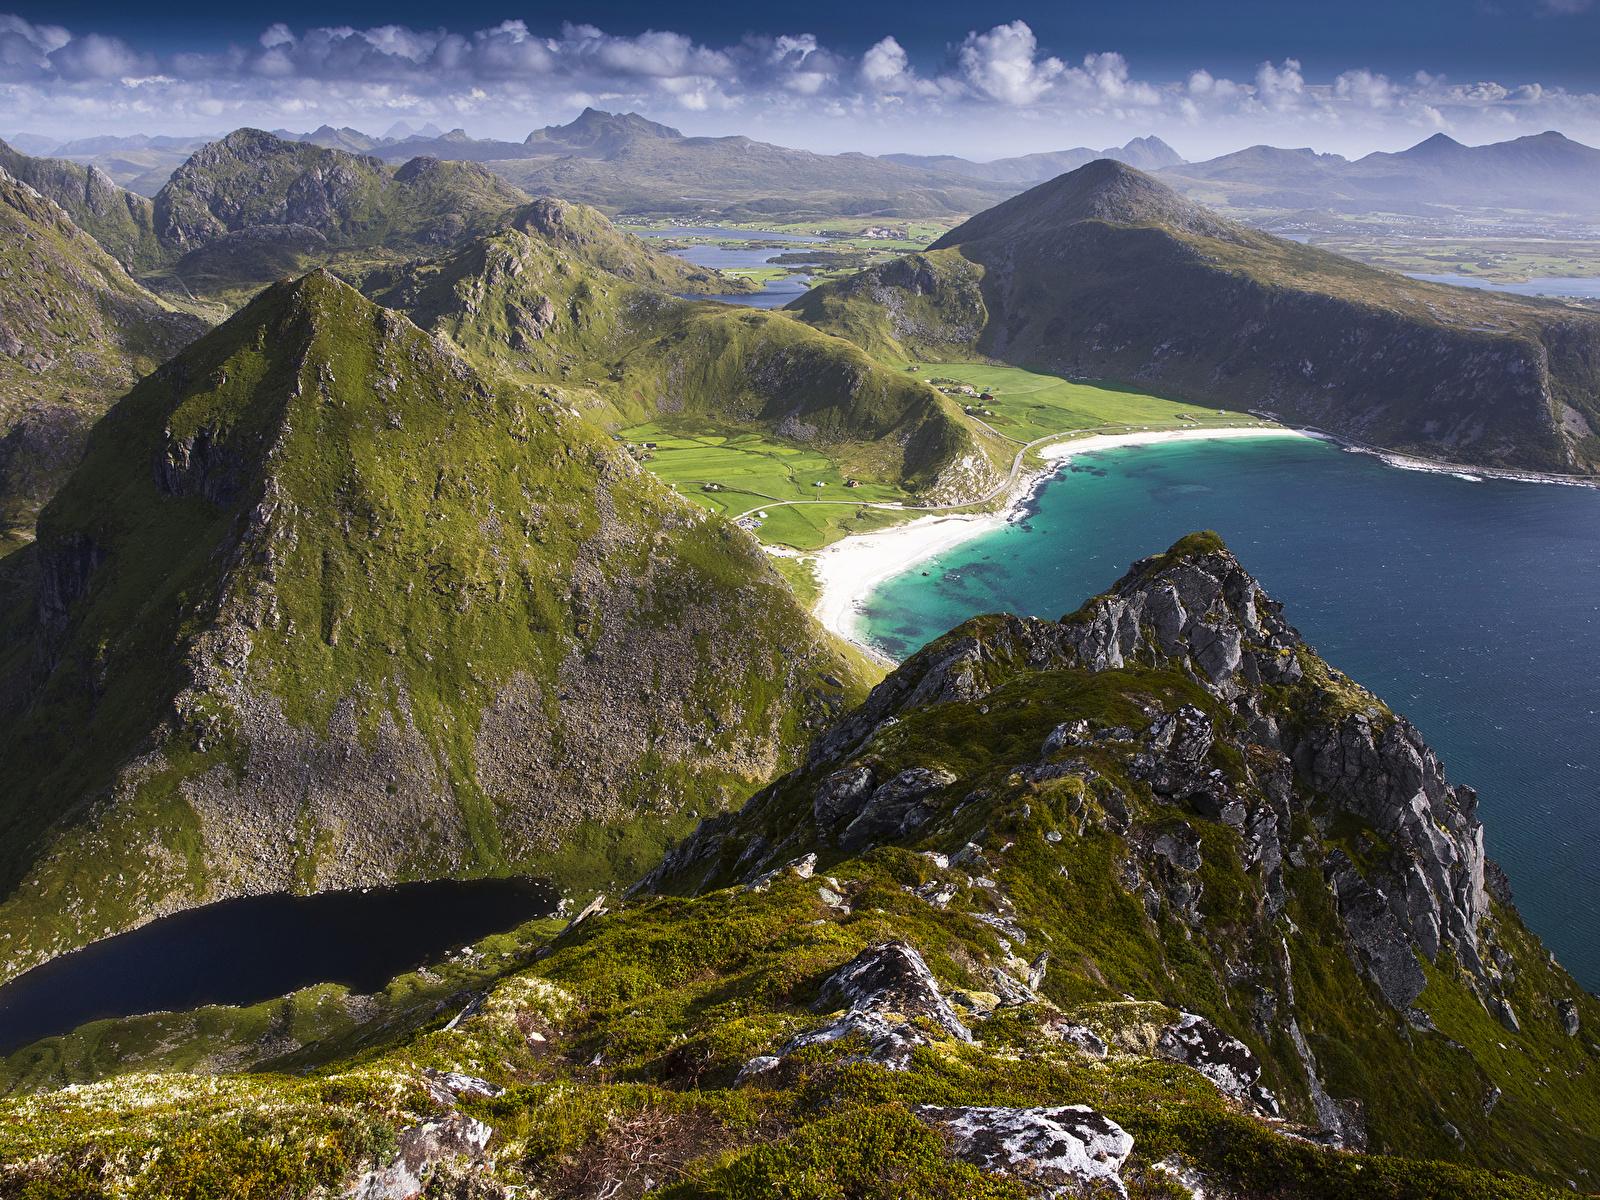 Обои для рабочего стола Лофотенские острова Норвегия Vagen Горы Природа Побережье 1600x1200 гора берег